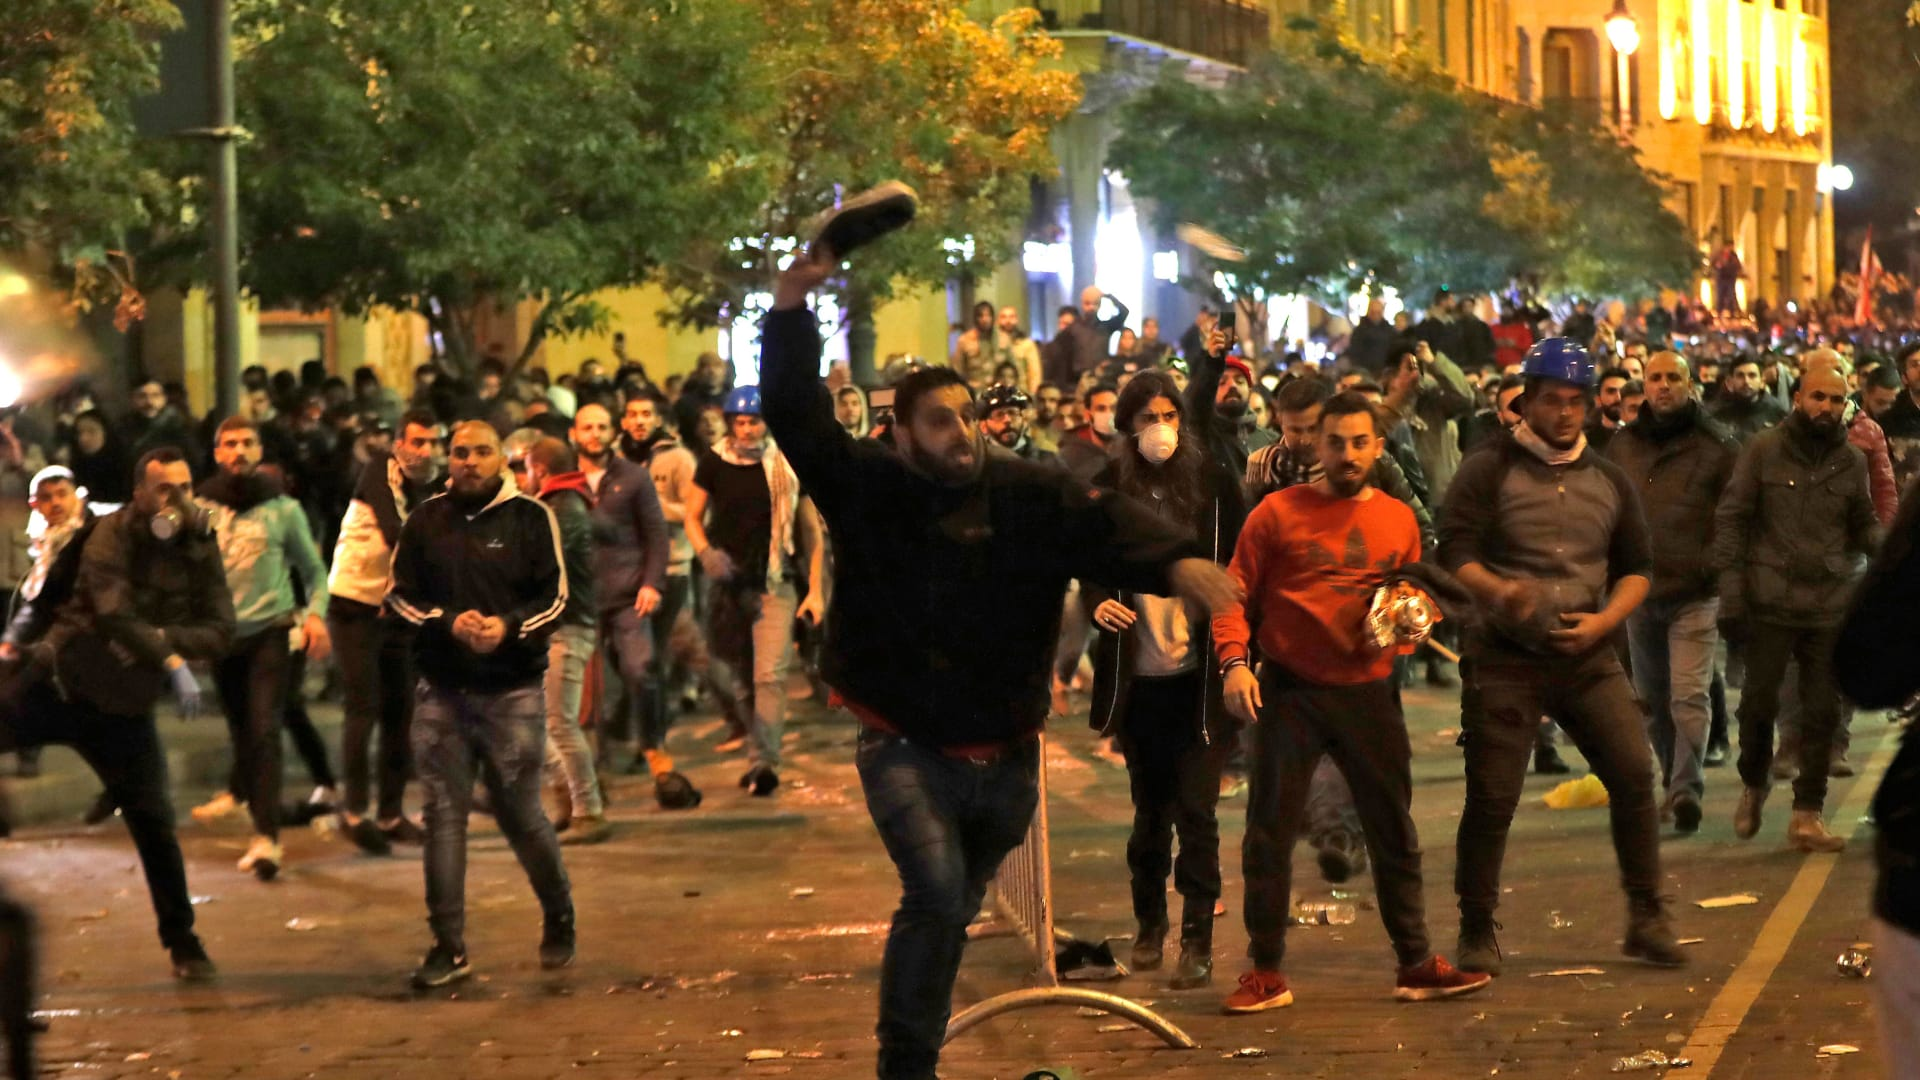 لحظة تعرض متظاهرين لبنانيين للاعتداء في عين التينة